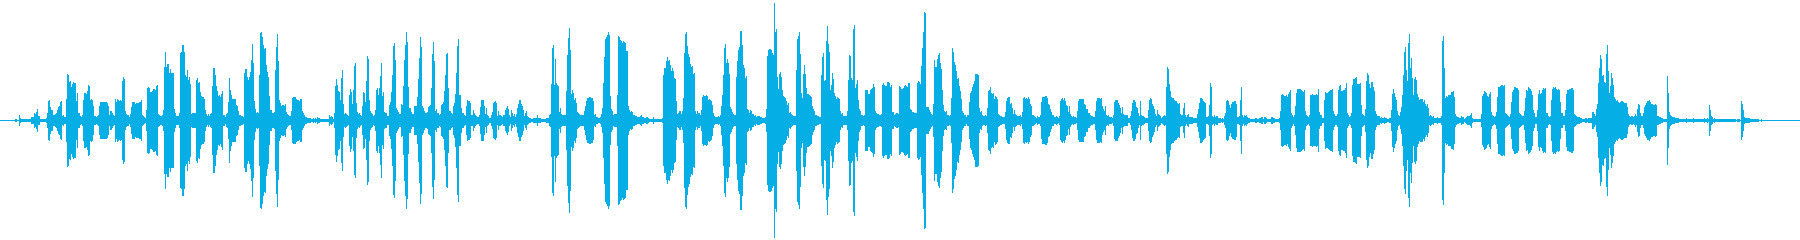 1880スリーバードケージボイスボ...の再生済みの波形